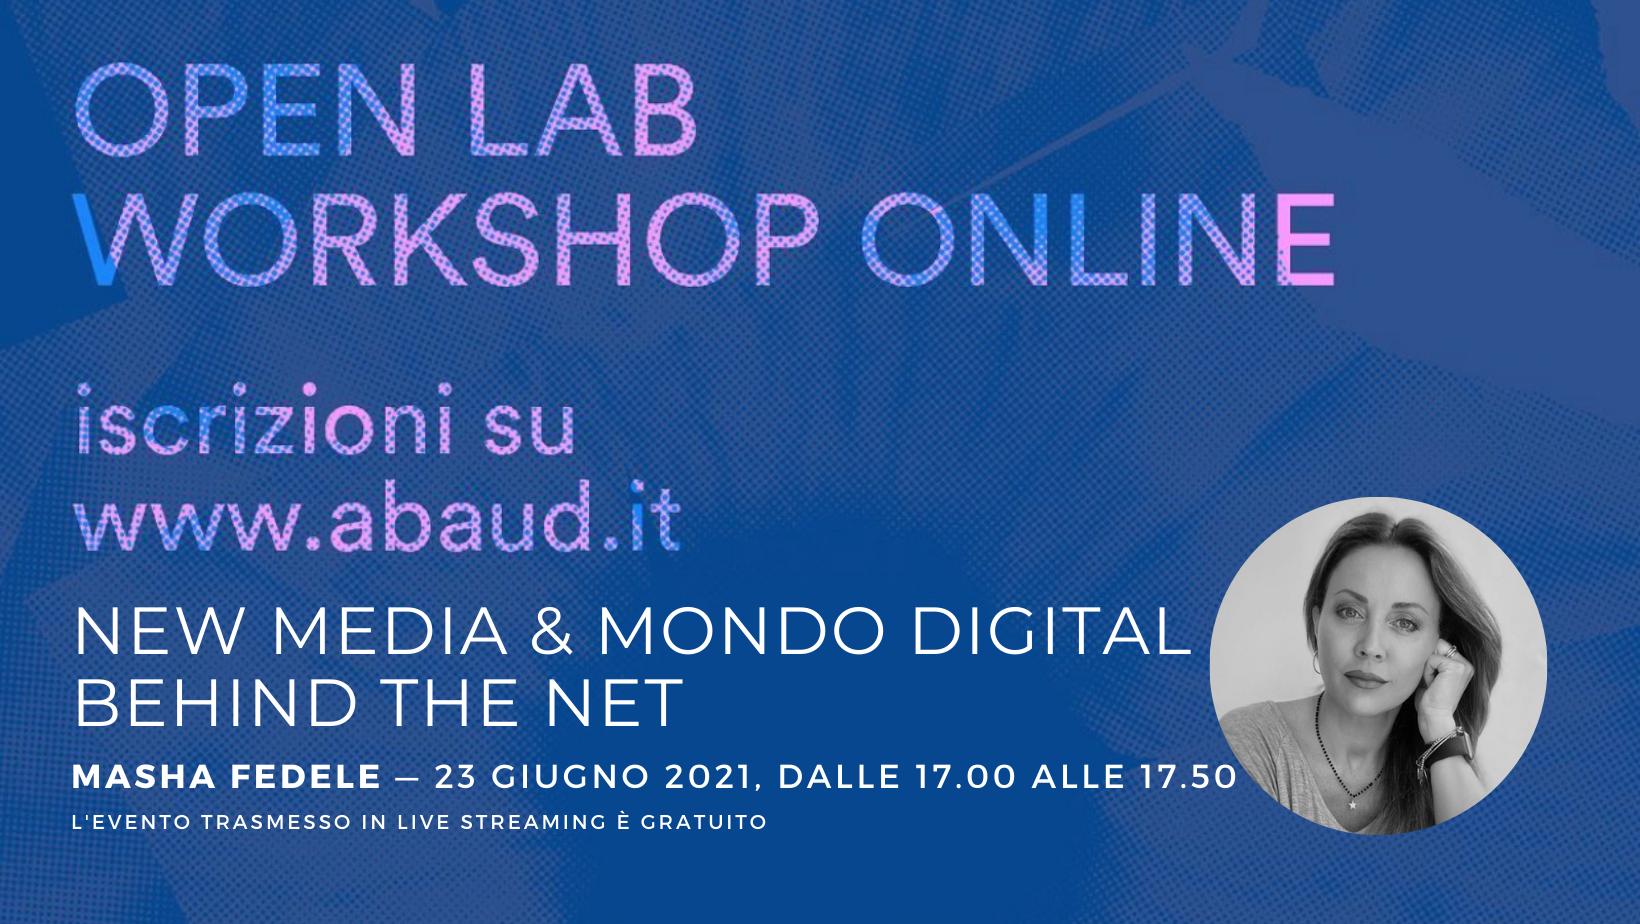 workshop-behind-the-net-masha-fedele